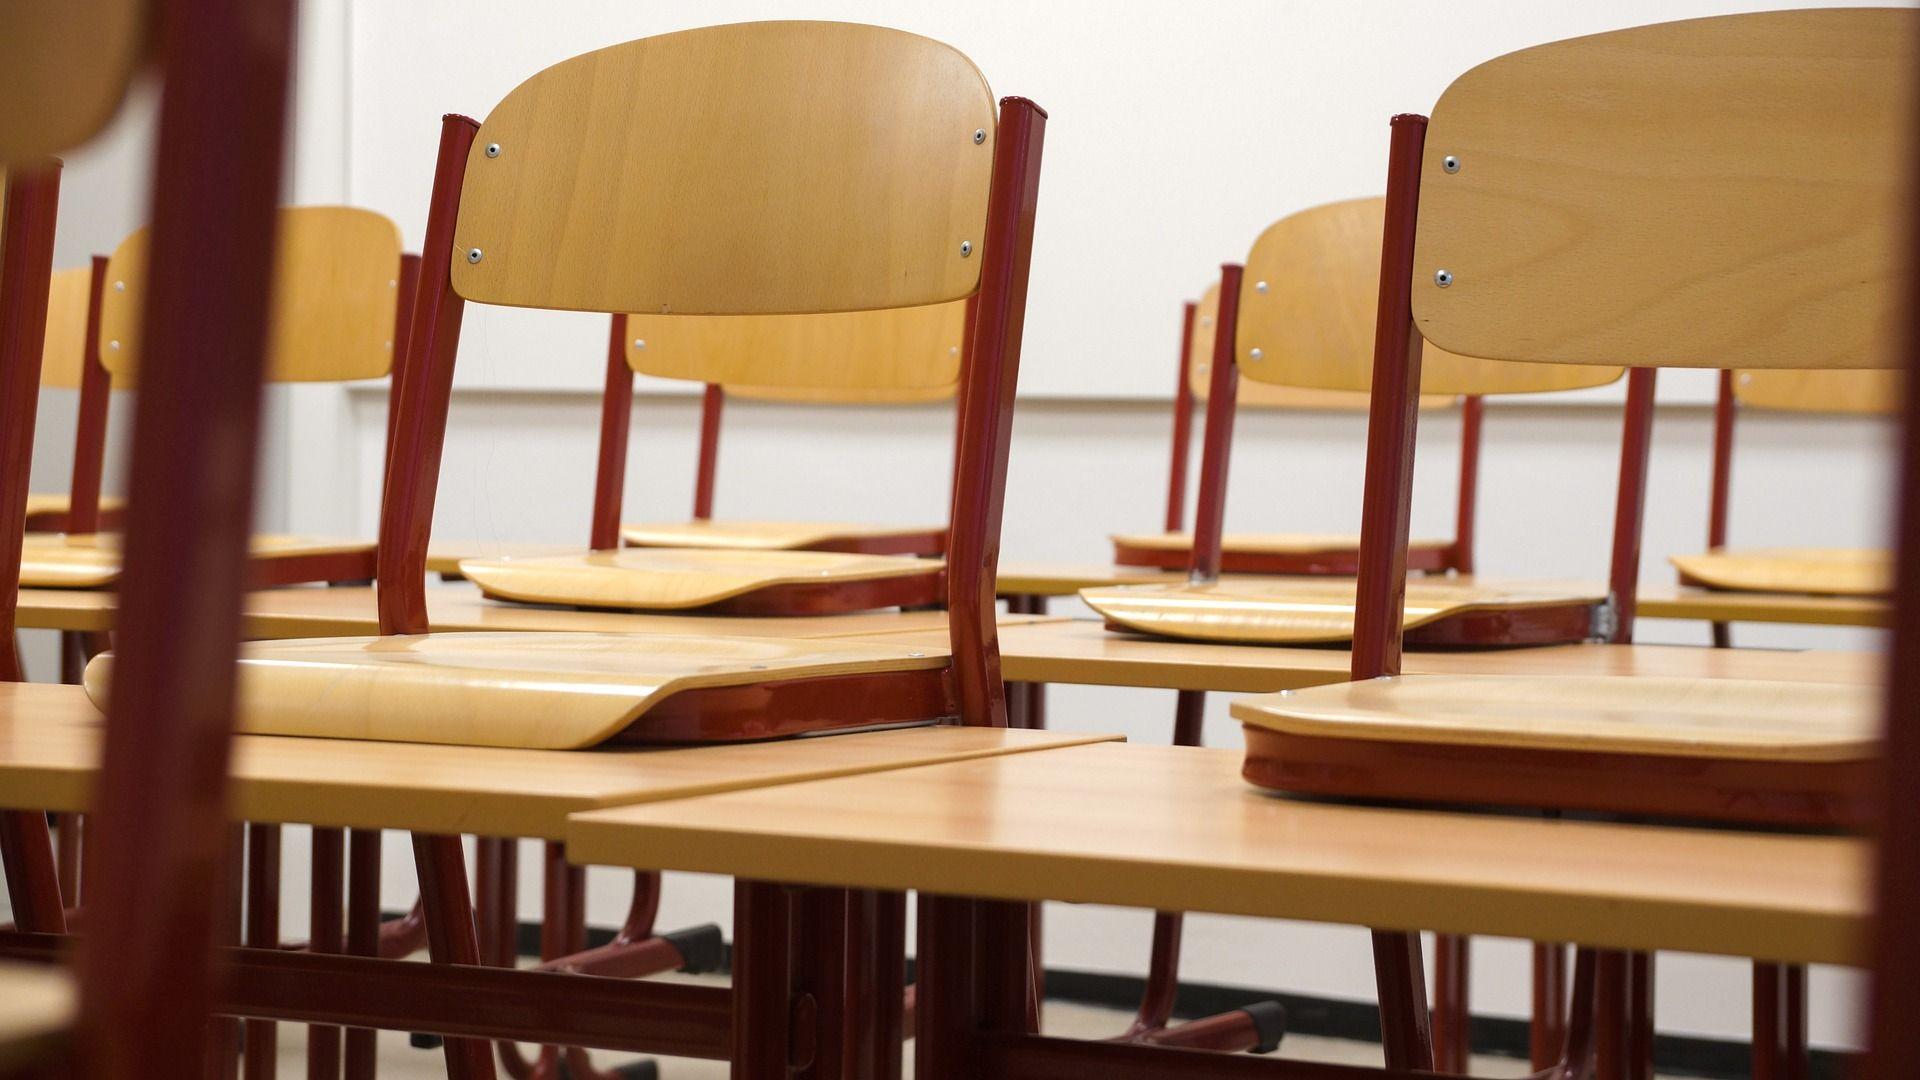 Klassenzimmer mit hochgestellten Stühlen. Bildnachweis: Taken, Pixabay